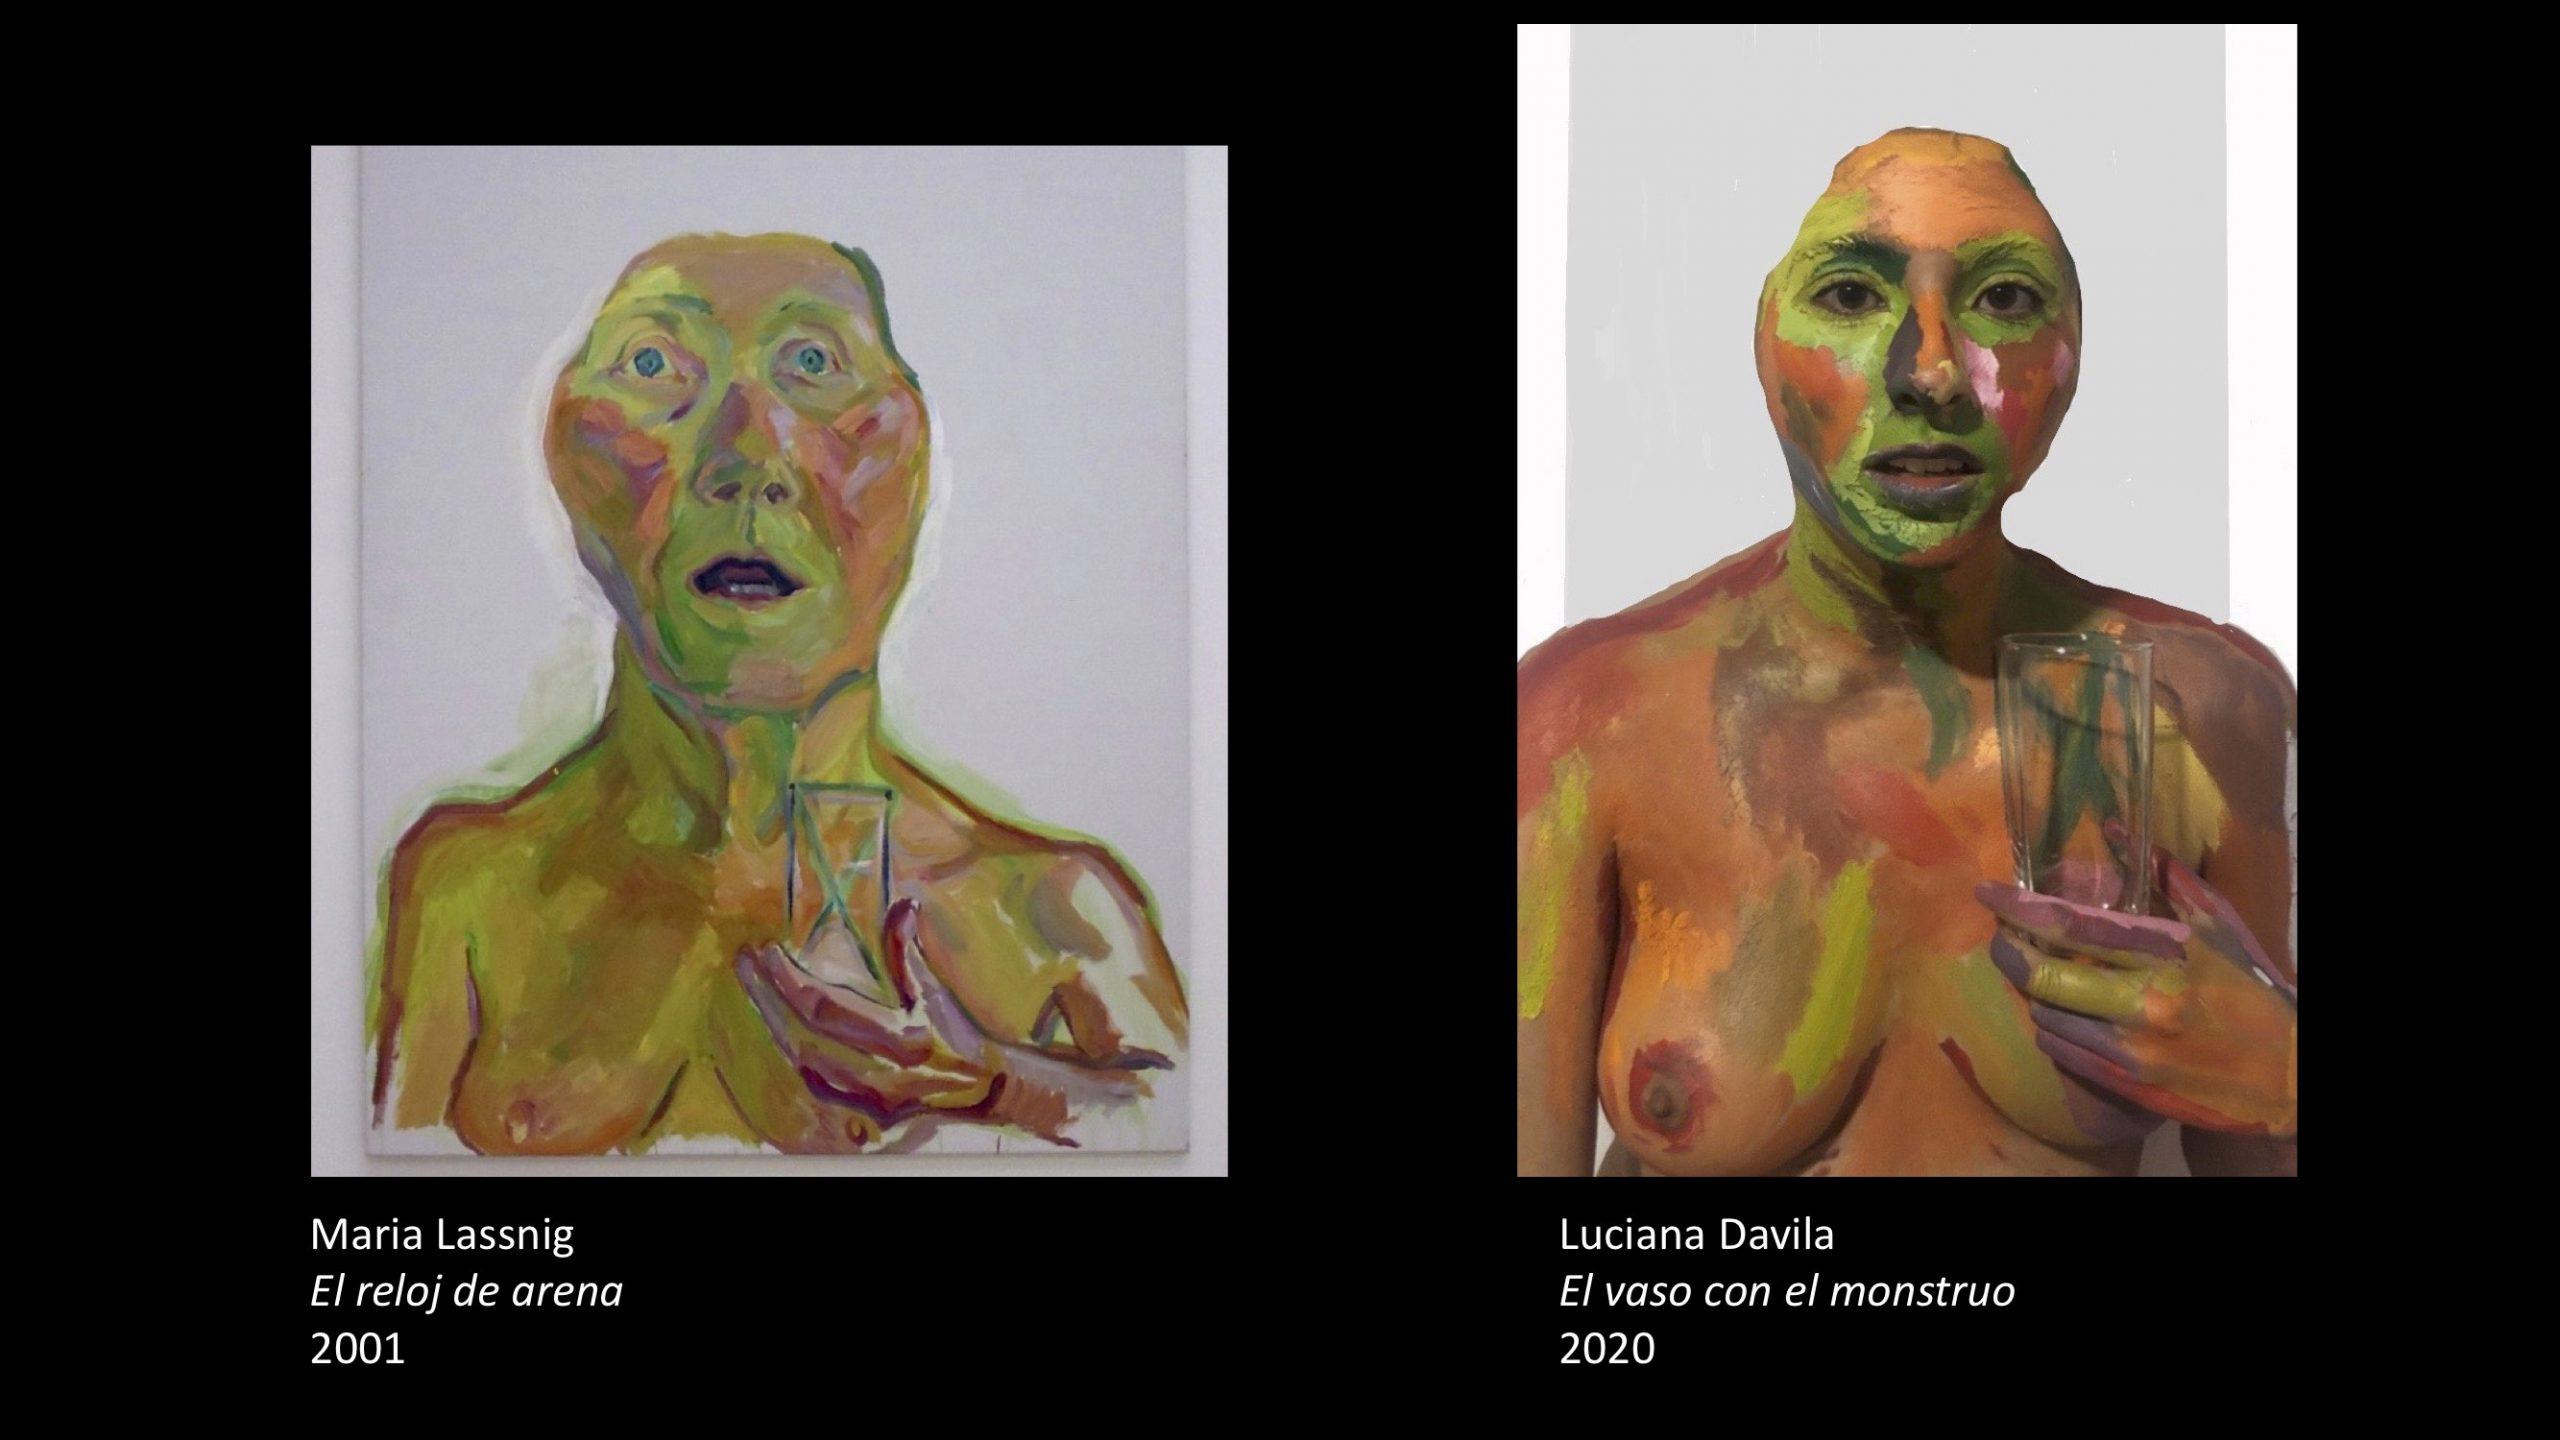 El vaso con el monstruo – Luciana Davila